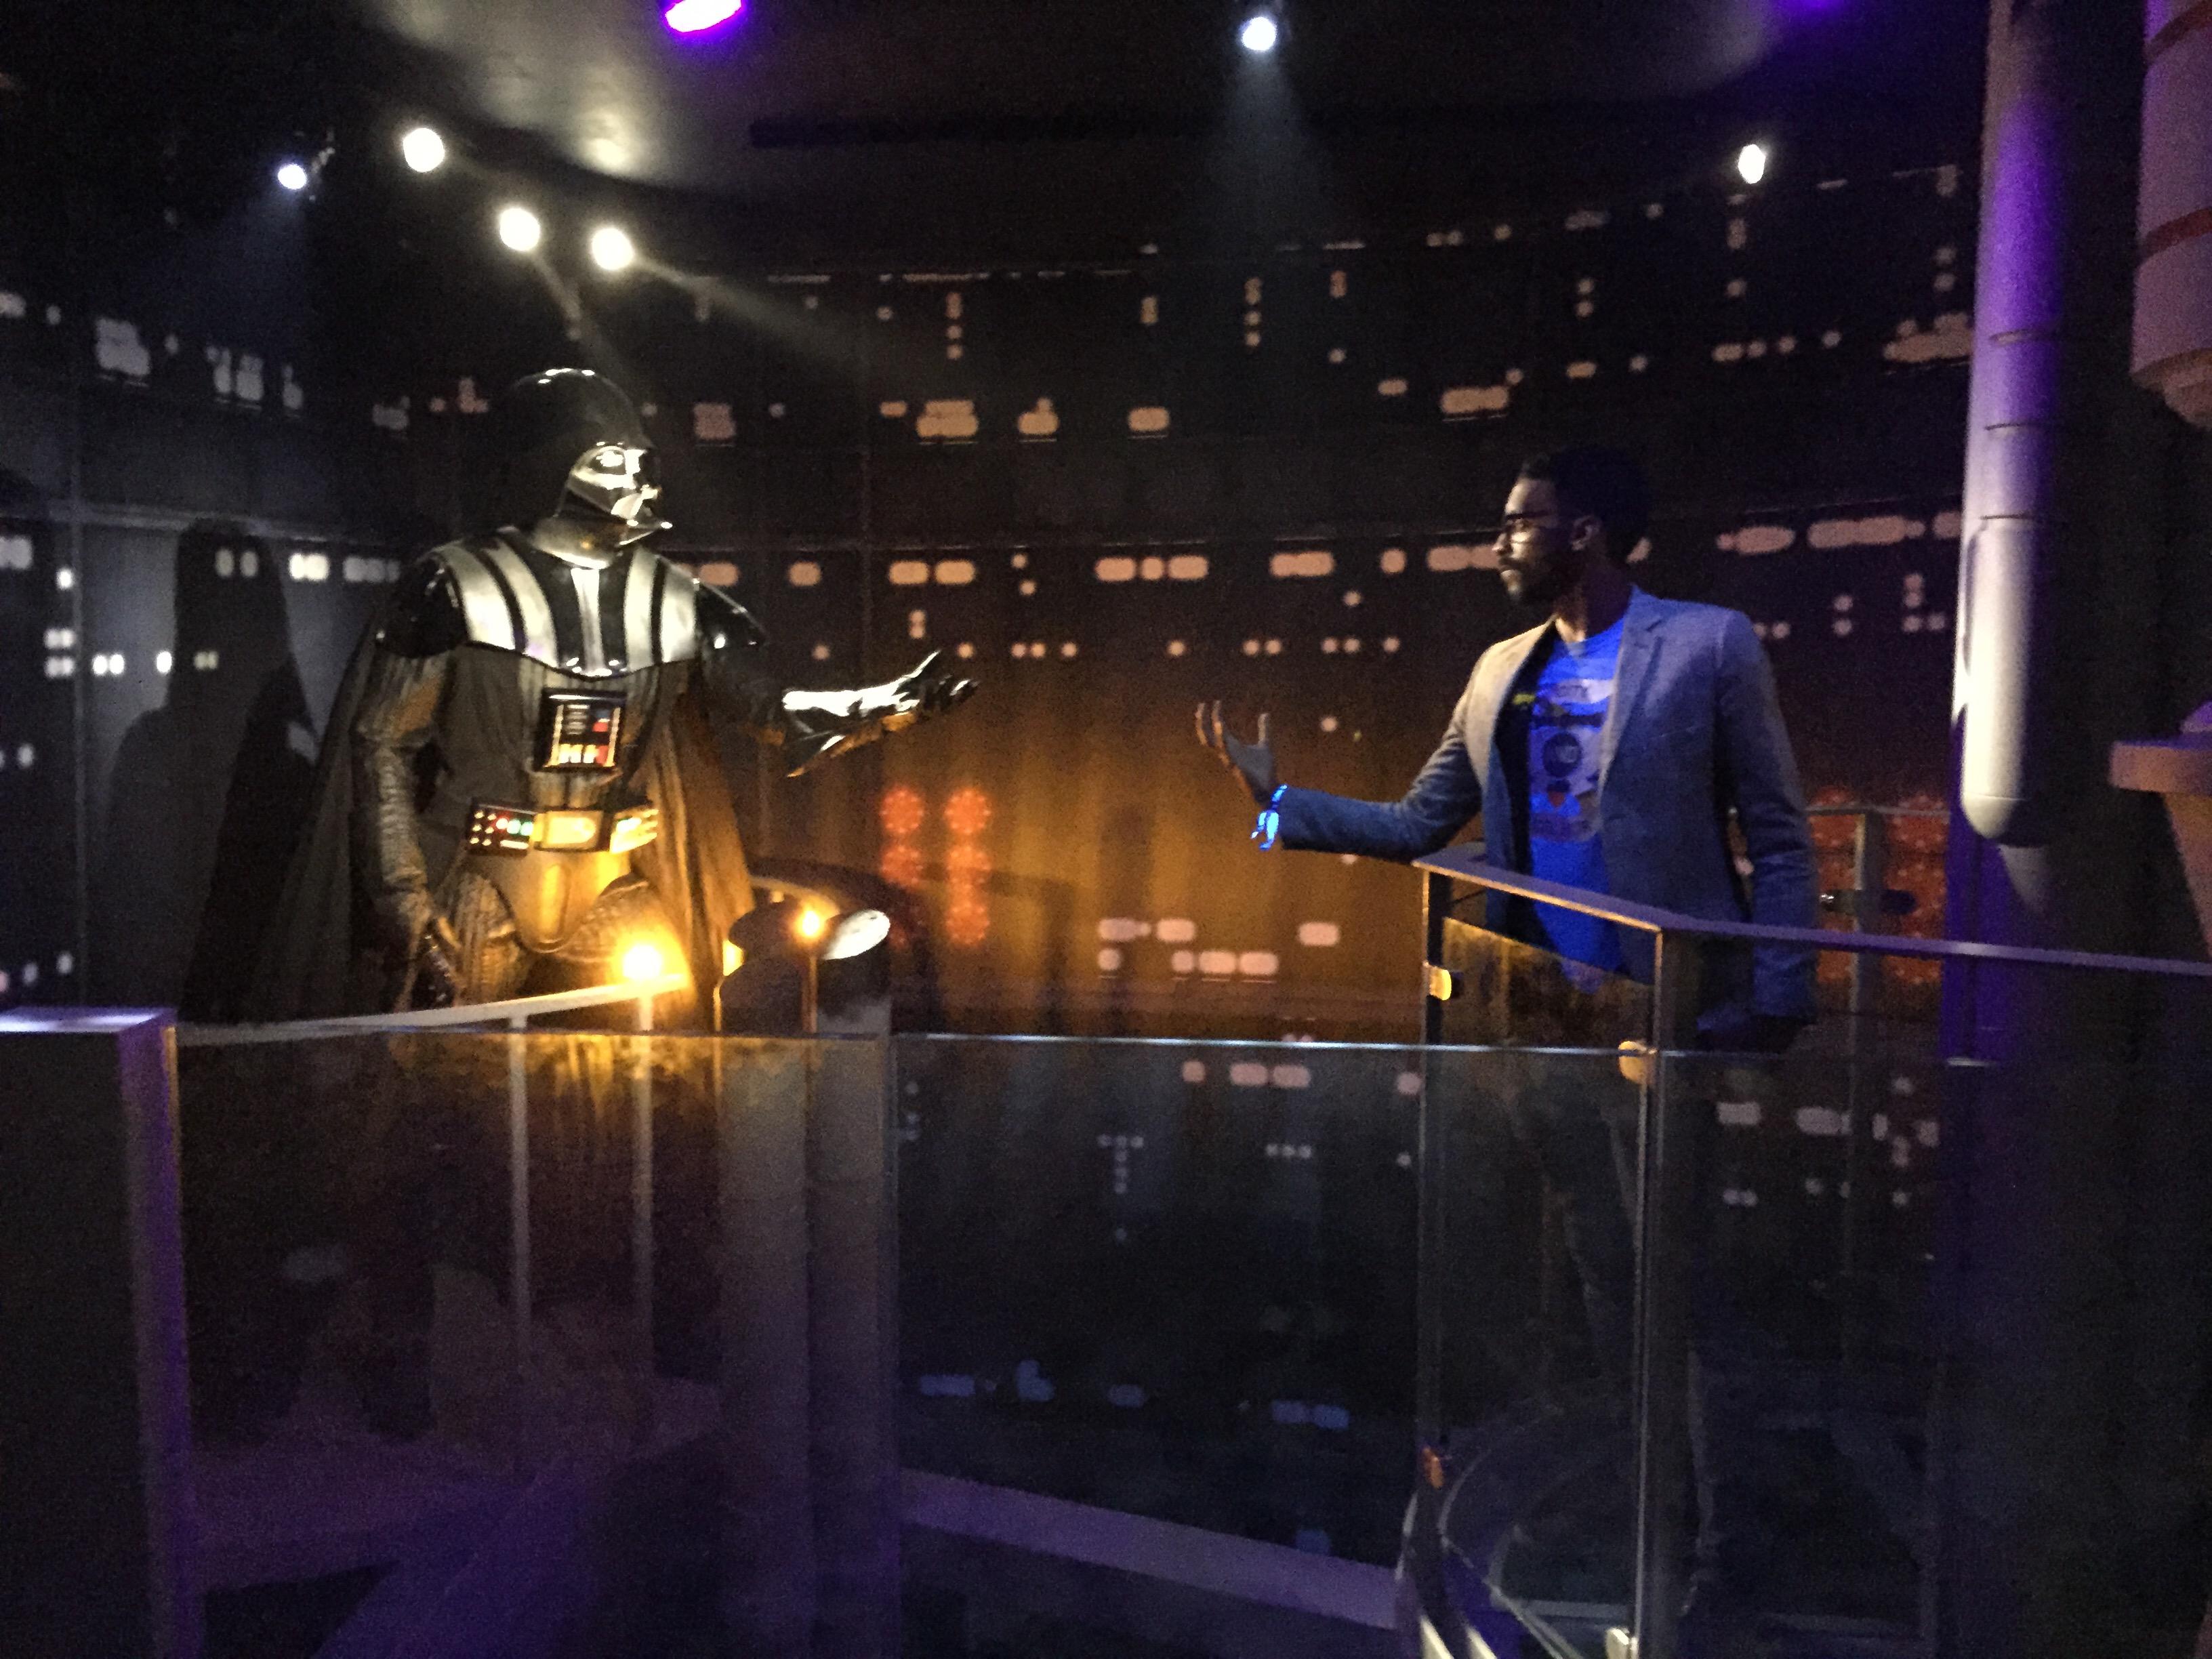 TV Trev vs Darth Vader